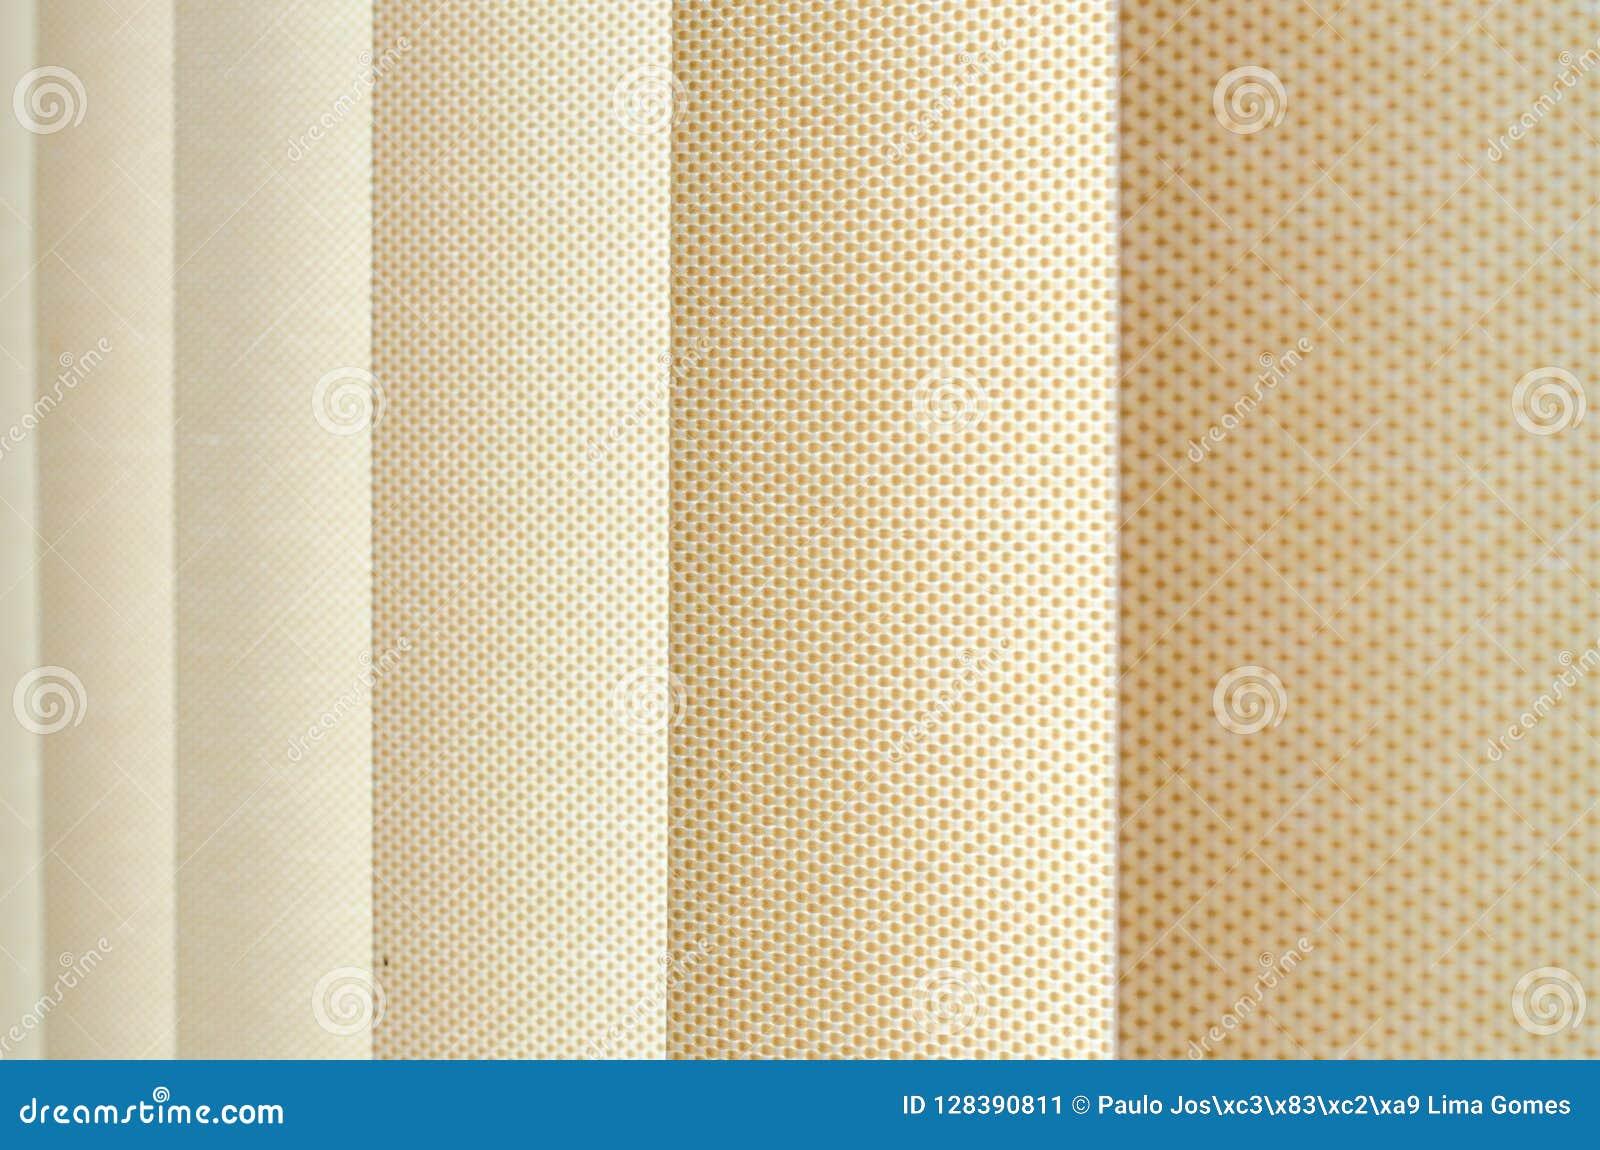 Tenda di finestra in primo piano che mostra la struttura nelle tonalità di beige